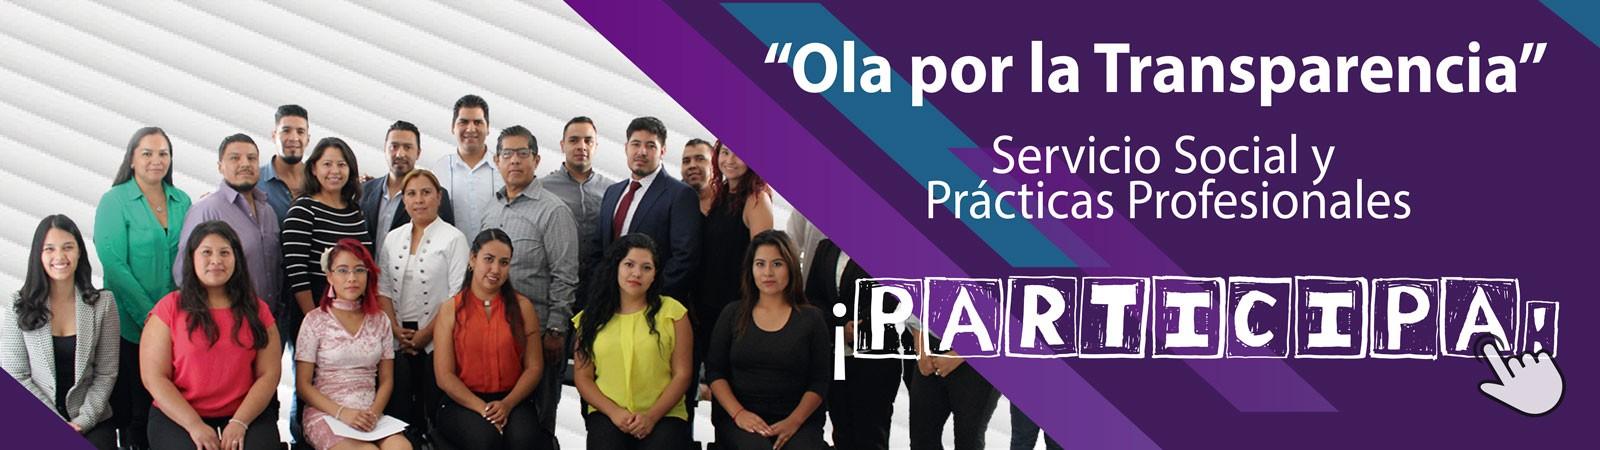 Banner Participa en la Ola por la Transparencia 2018